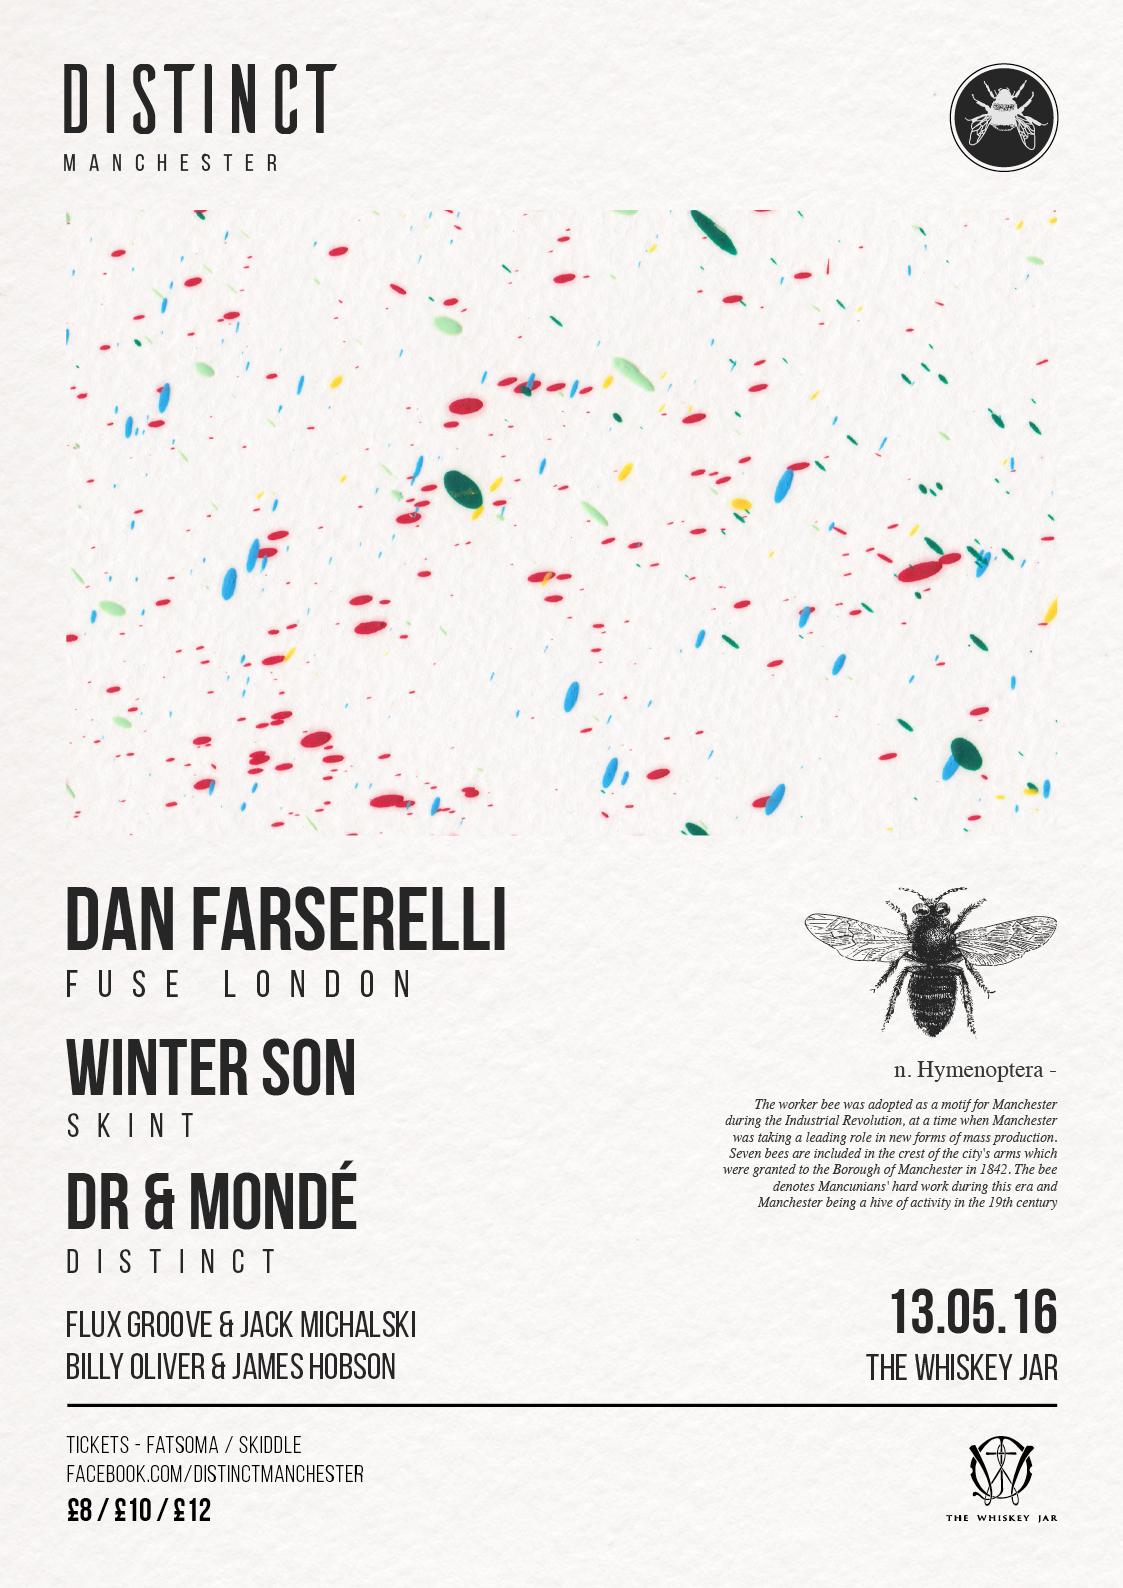 Dan Farserelli & Winter Son